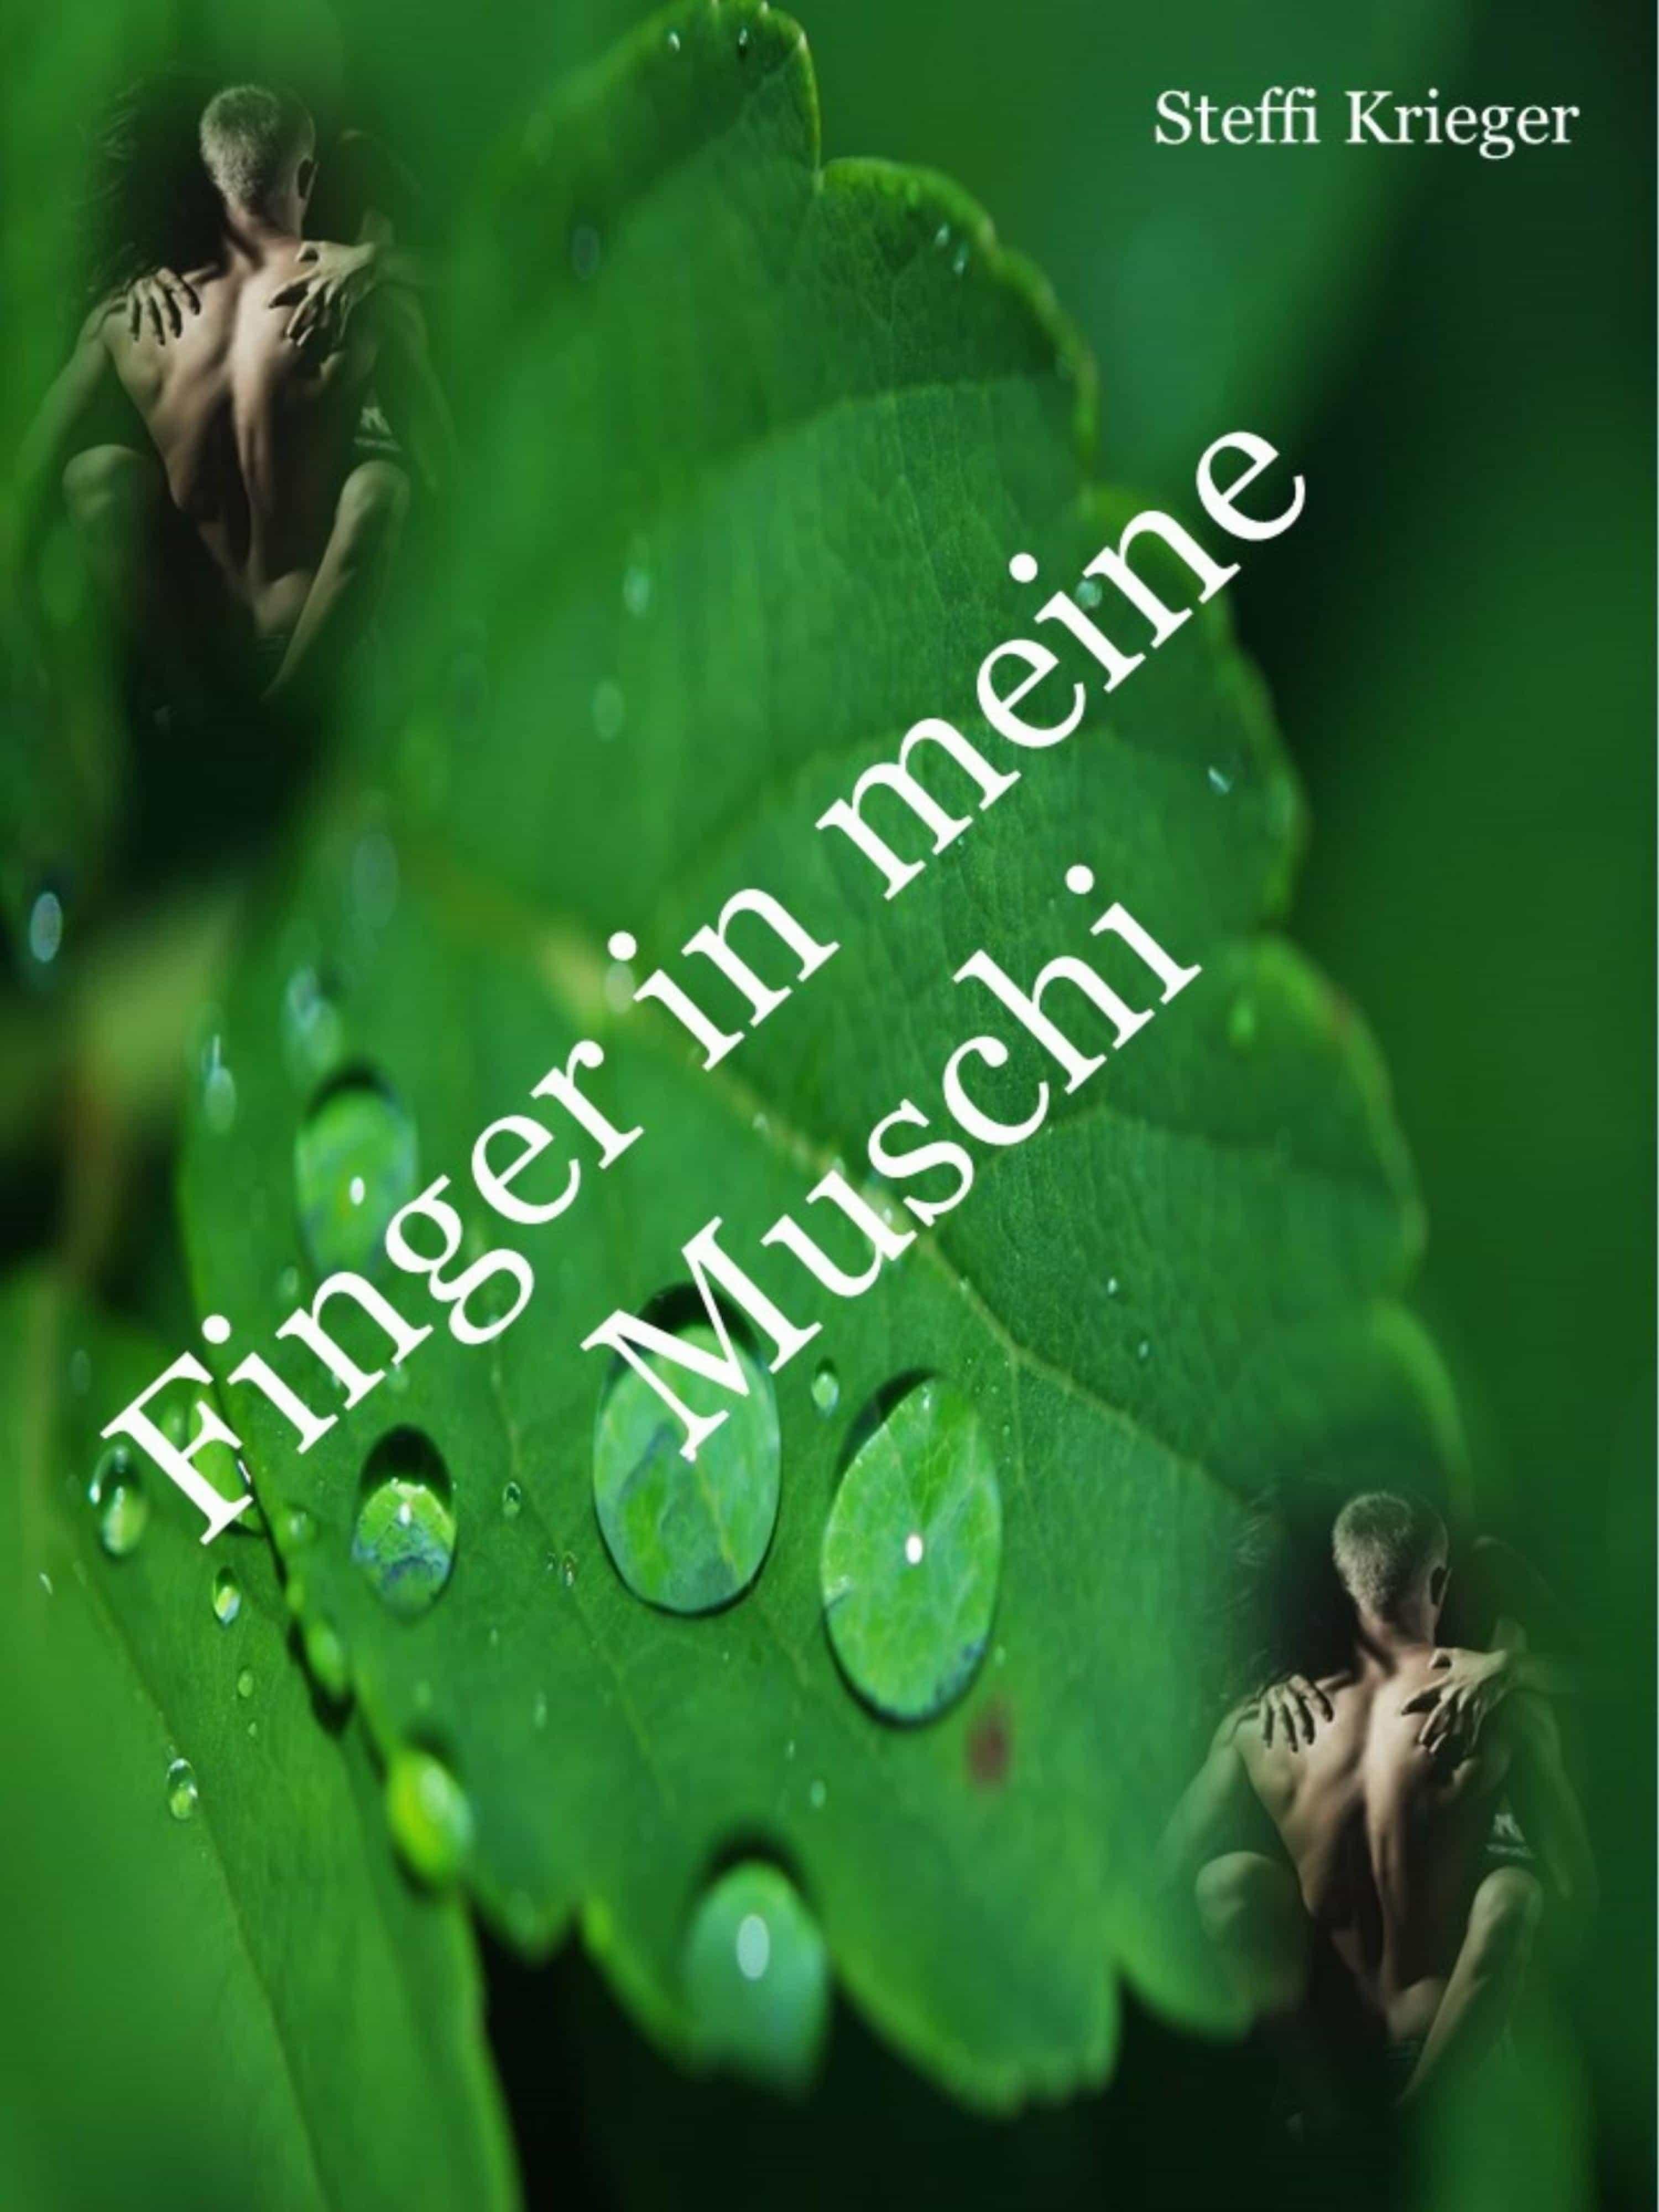 FINGER IN MEINE MUSCHI - 156 SEITEN. STEFFI KRIEGER. ebook